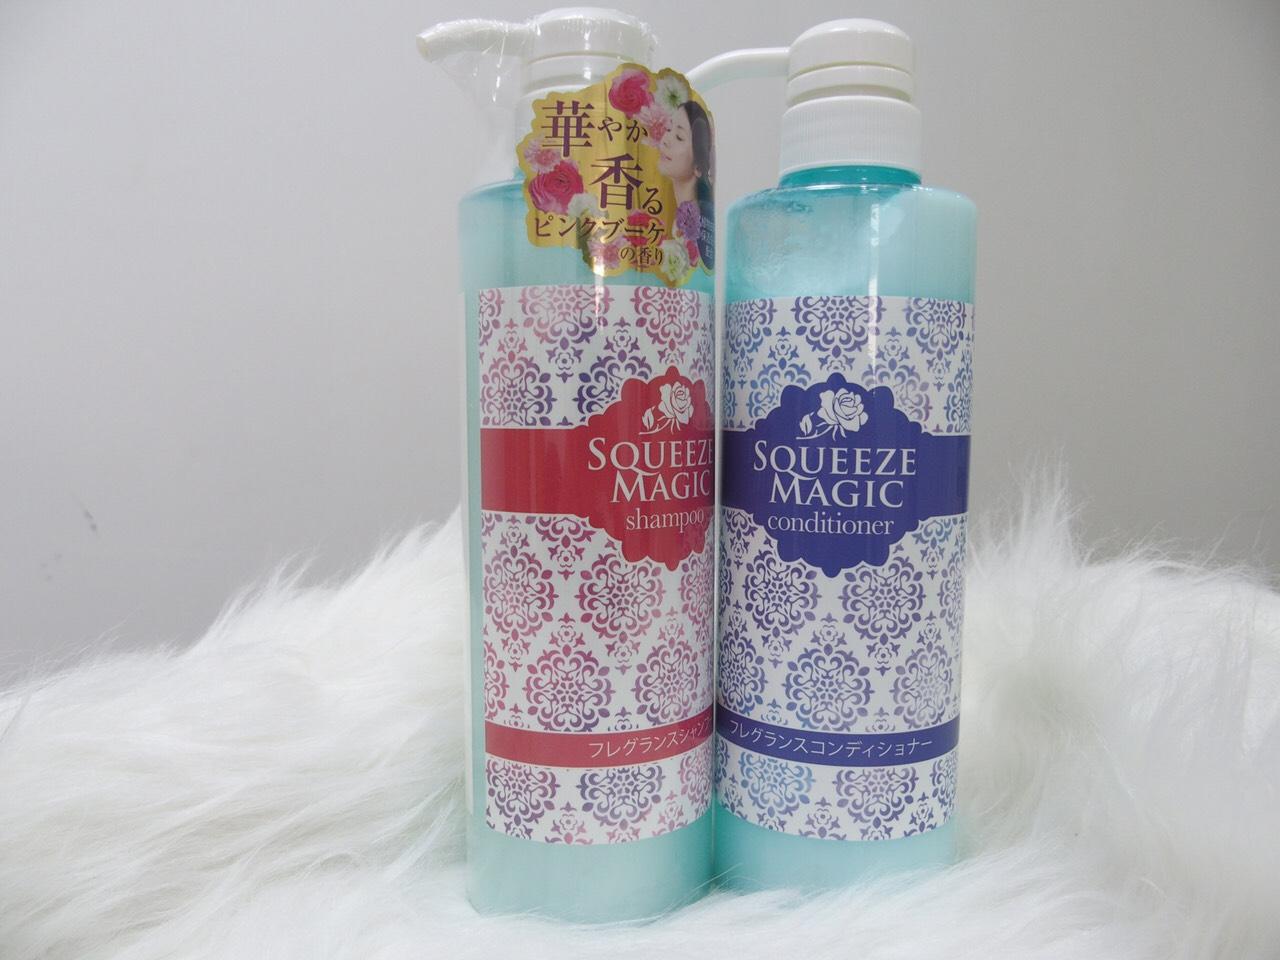 Dầu gội Squeeze 500ml (dưỡng ẩm và phục hồi) - Hàng Nhật nội địa